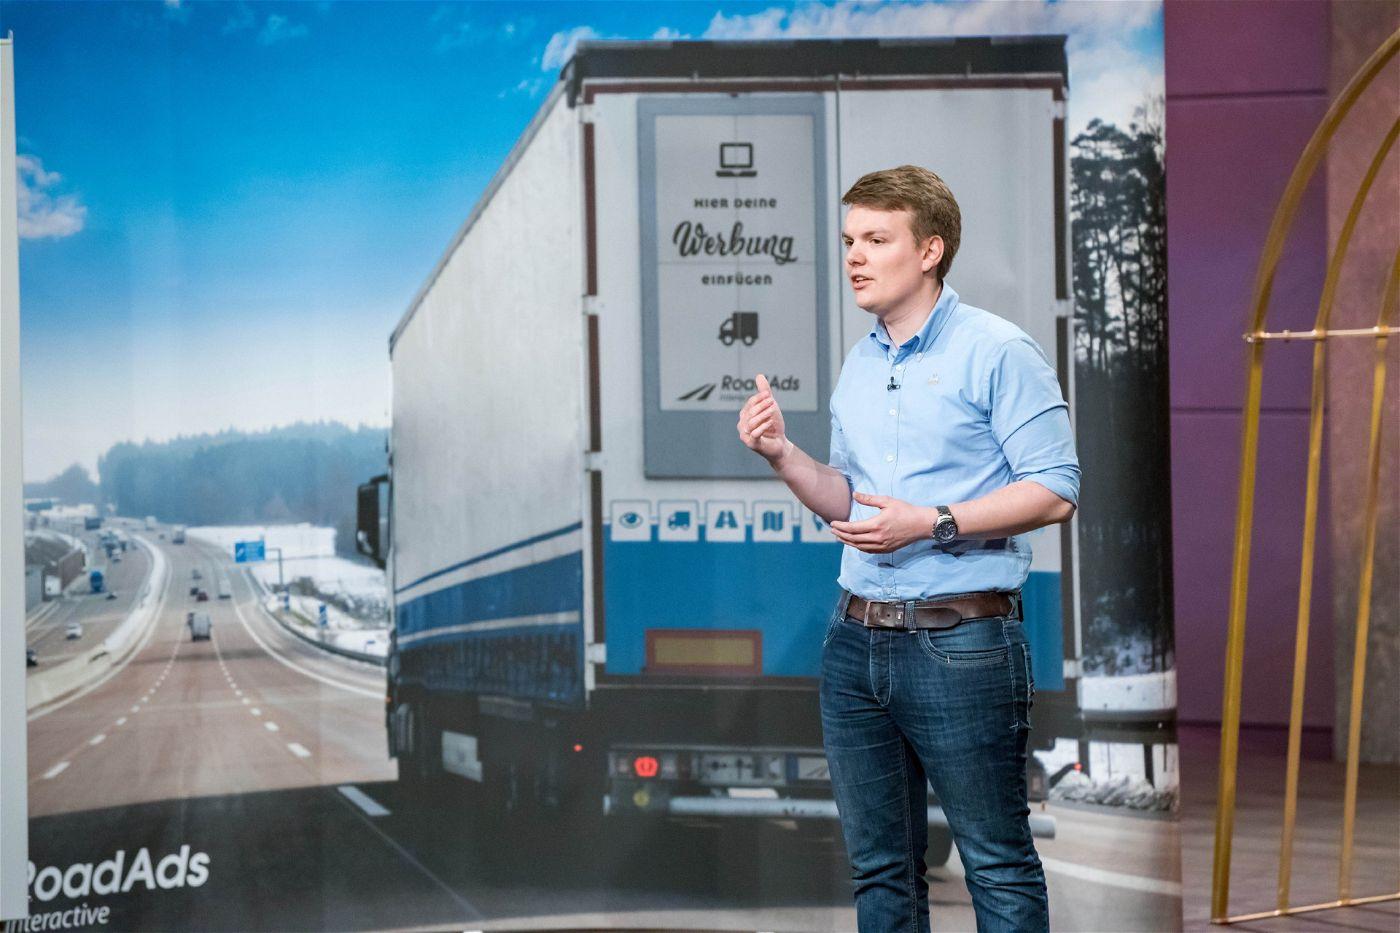 """<p><b>Der Gründer und sein Produkt</b>: Andreas Widmann (26) stellt """"RoadAds interactive"""" vor, Display-Werbung für Lkw, die sich je nach Land und Wetter anpassen lässt. <p><b>Der Wunsch</b>: 500.000 Euro für einen Firmenanteil von zehn Prozent.</p> <p><b>Der Deal</b>: Carsten Maschmeyer und Georg Kofler bieten 750.000 Euro für 25 Prozent. Doch auch dieser Deal platzt nach der Show.</p>"""